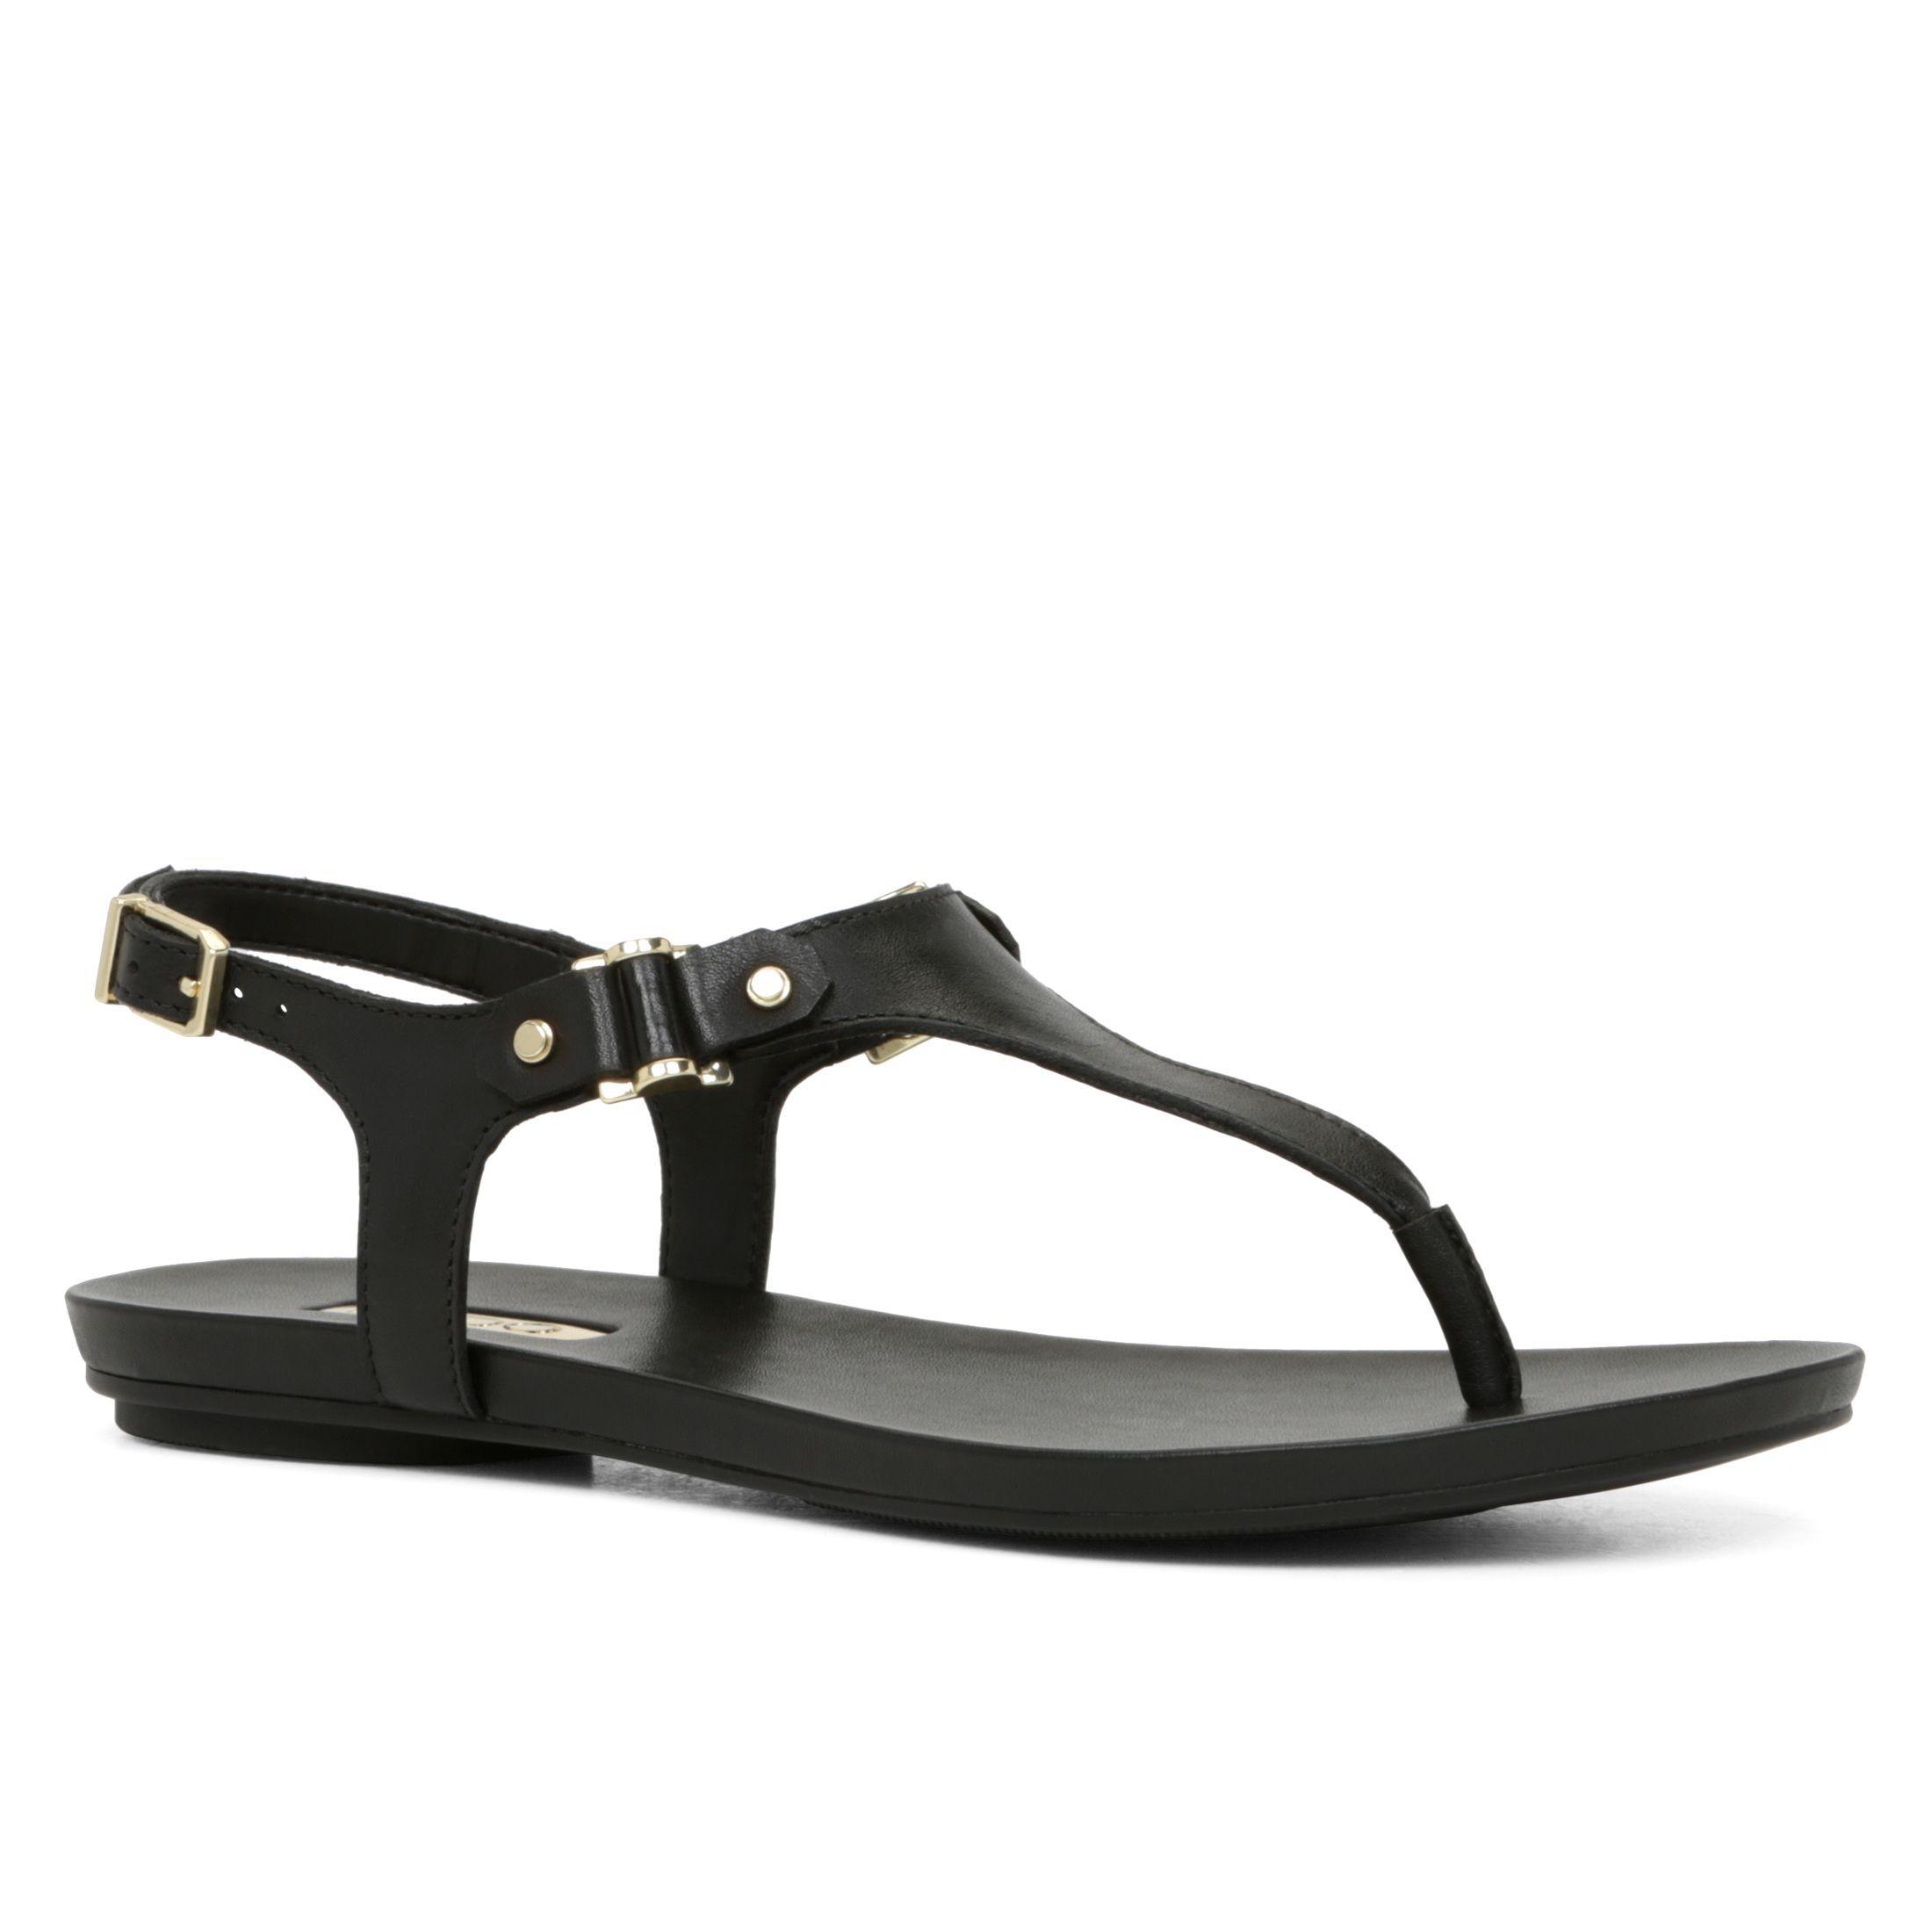 335151a97ed Aldo Ashley t bar sandals